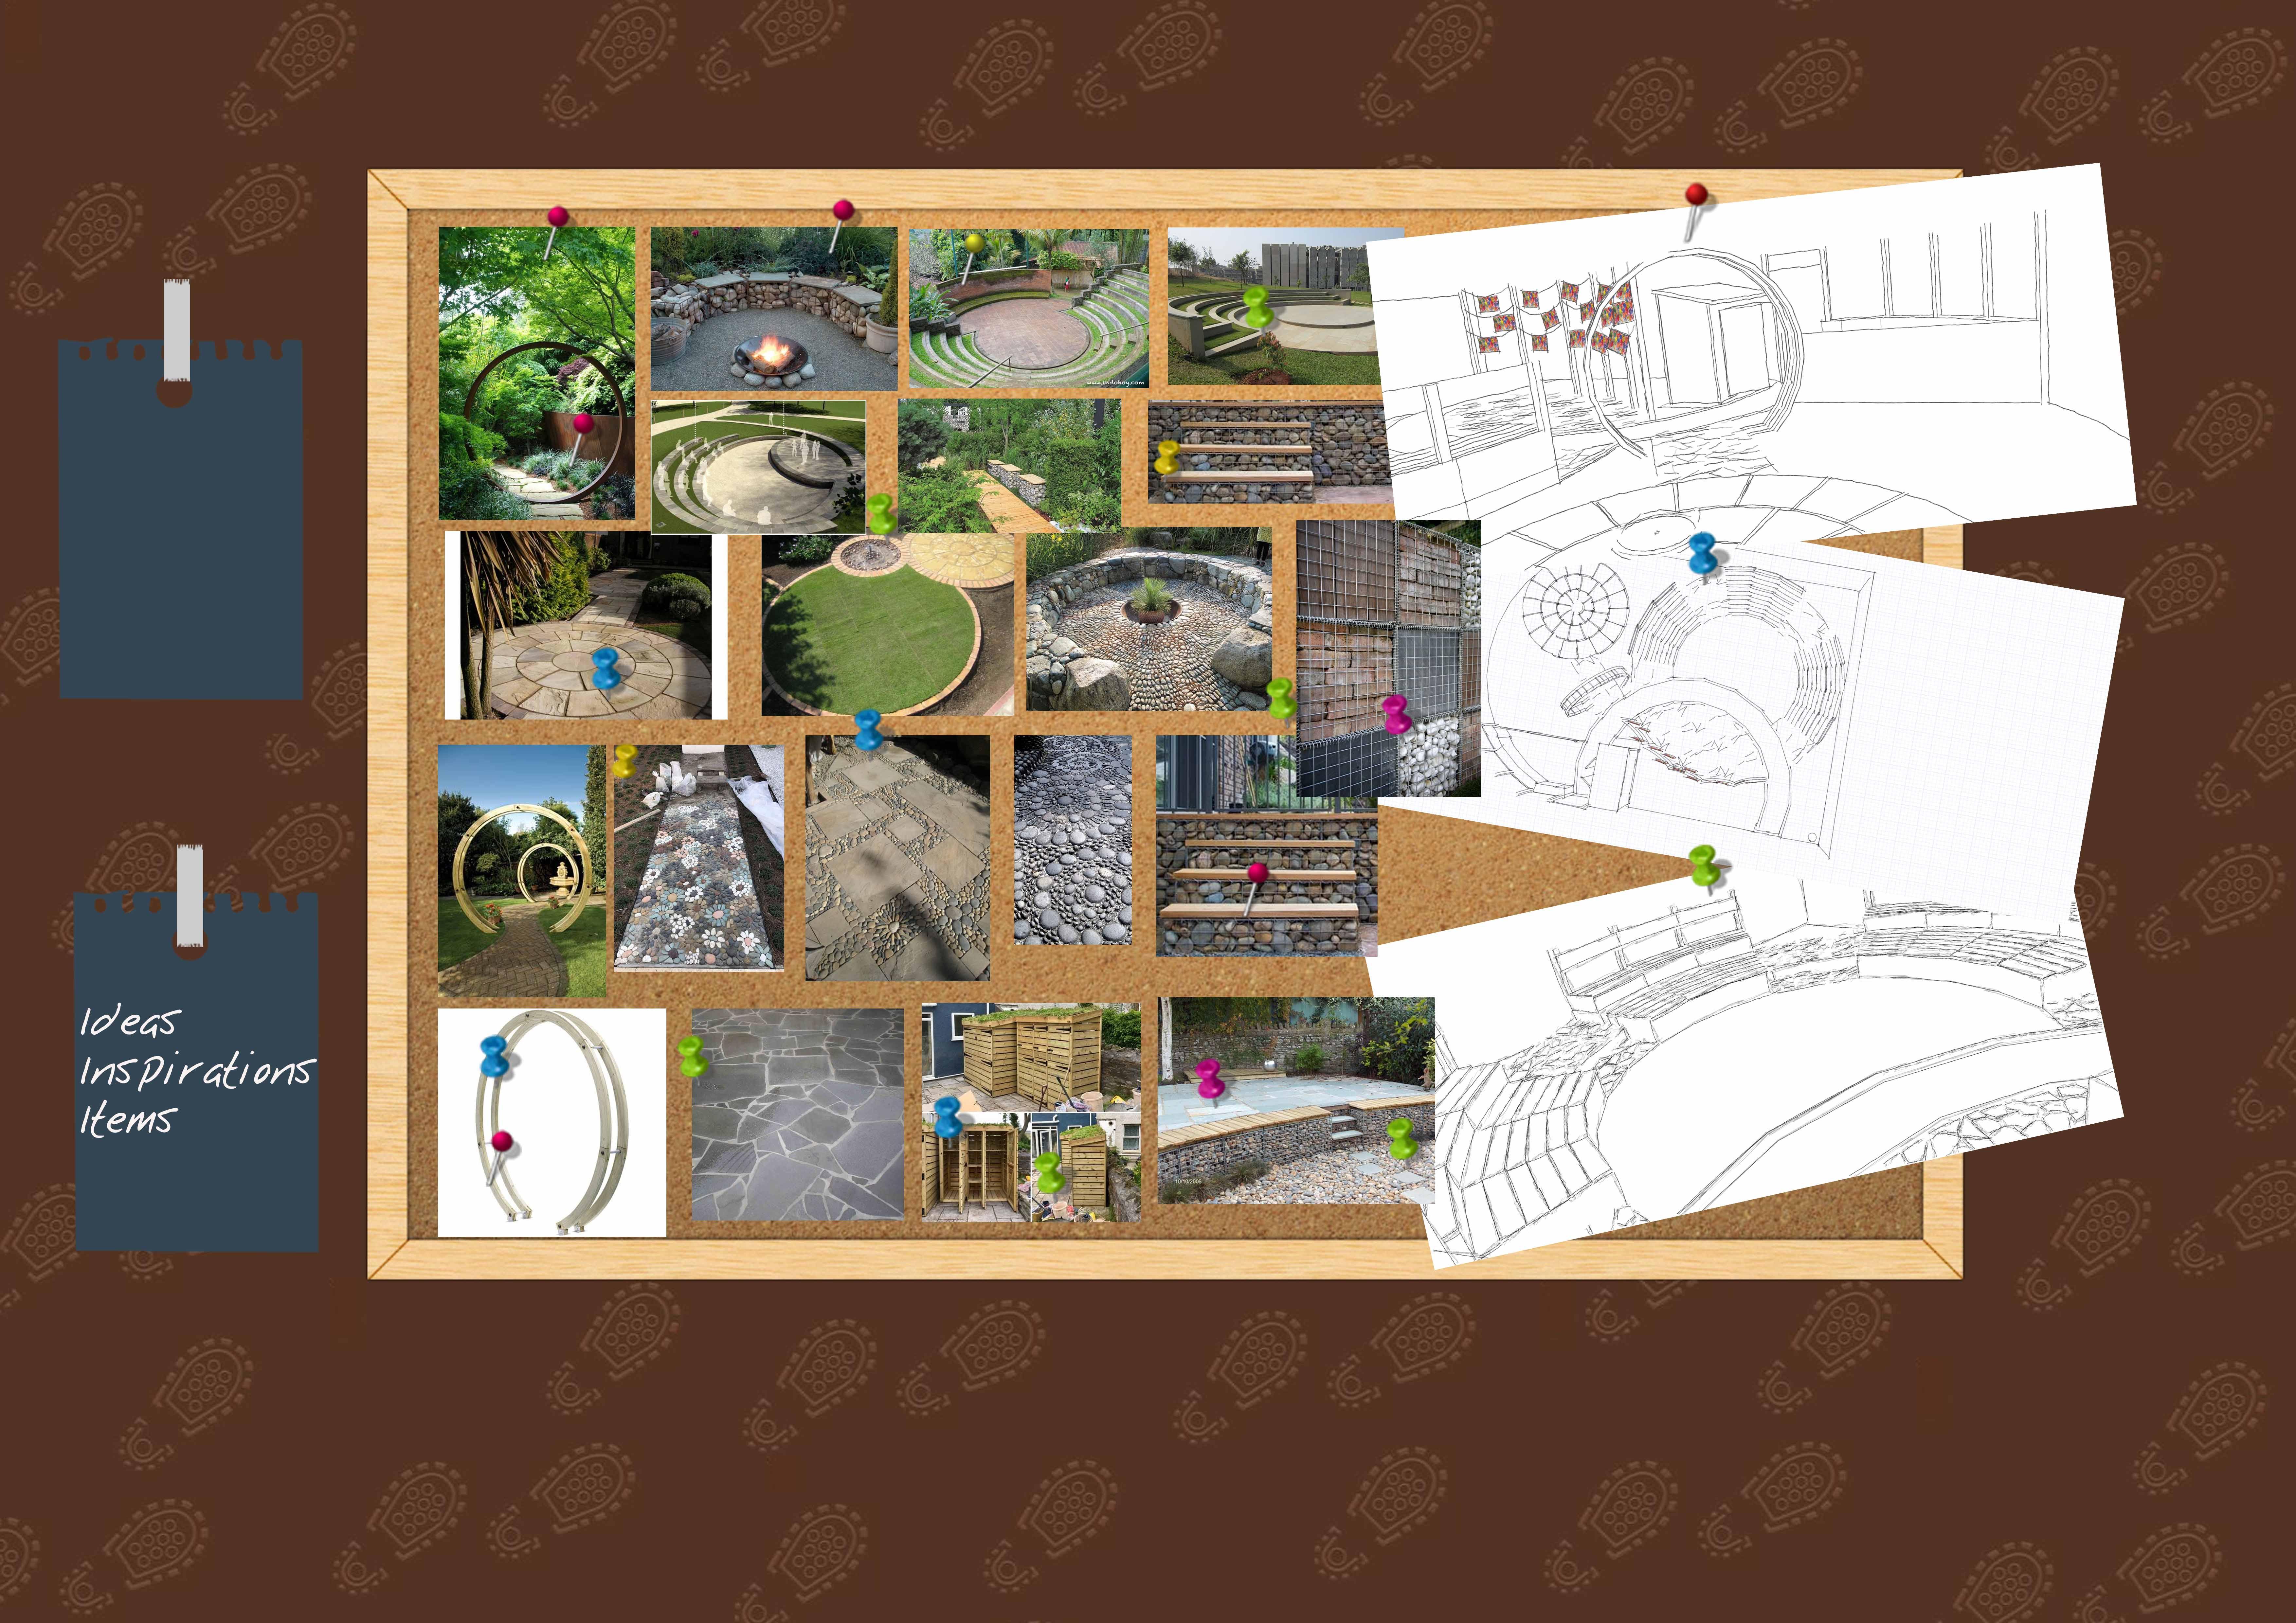 Garden Design Ideas Board 2 ED301